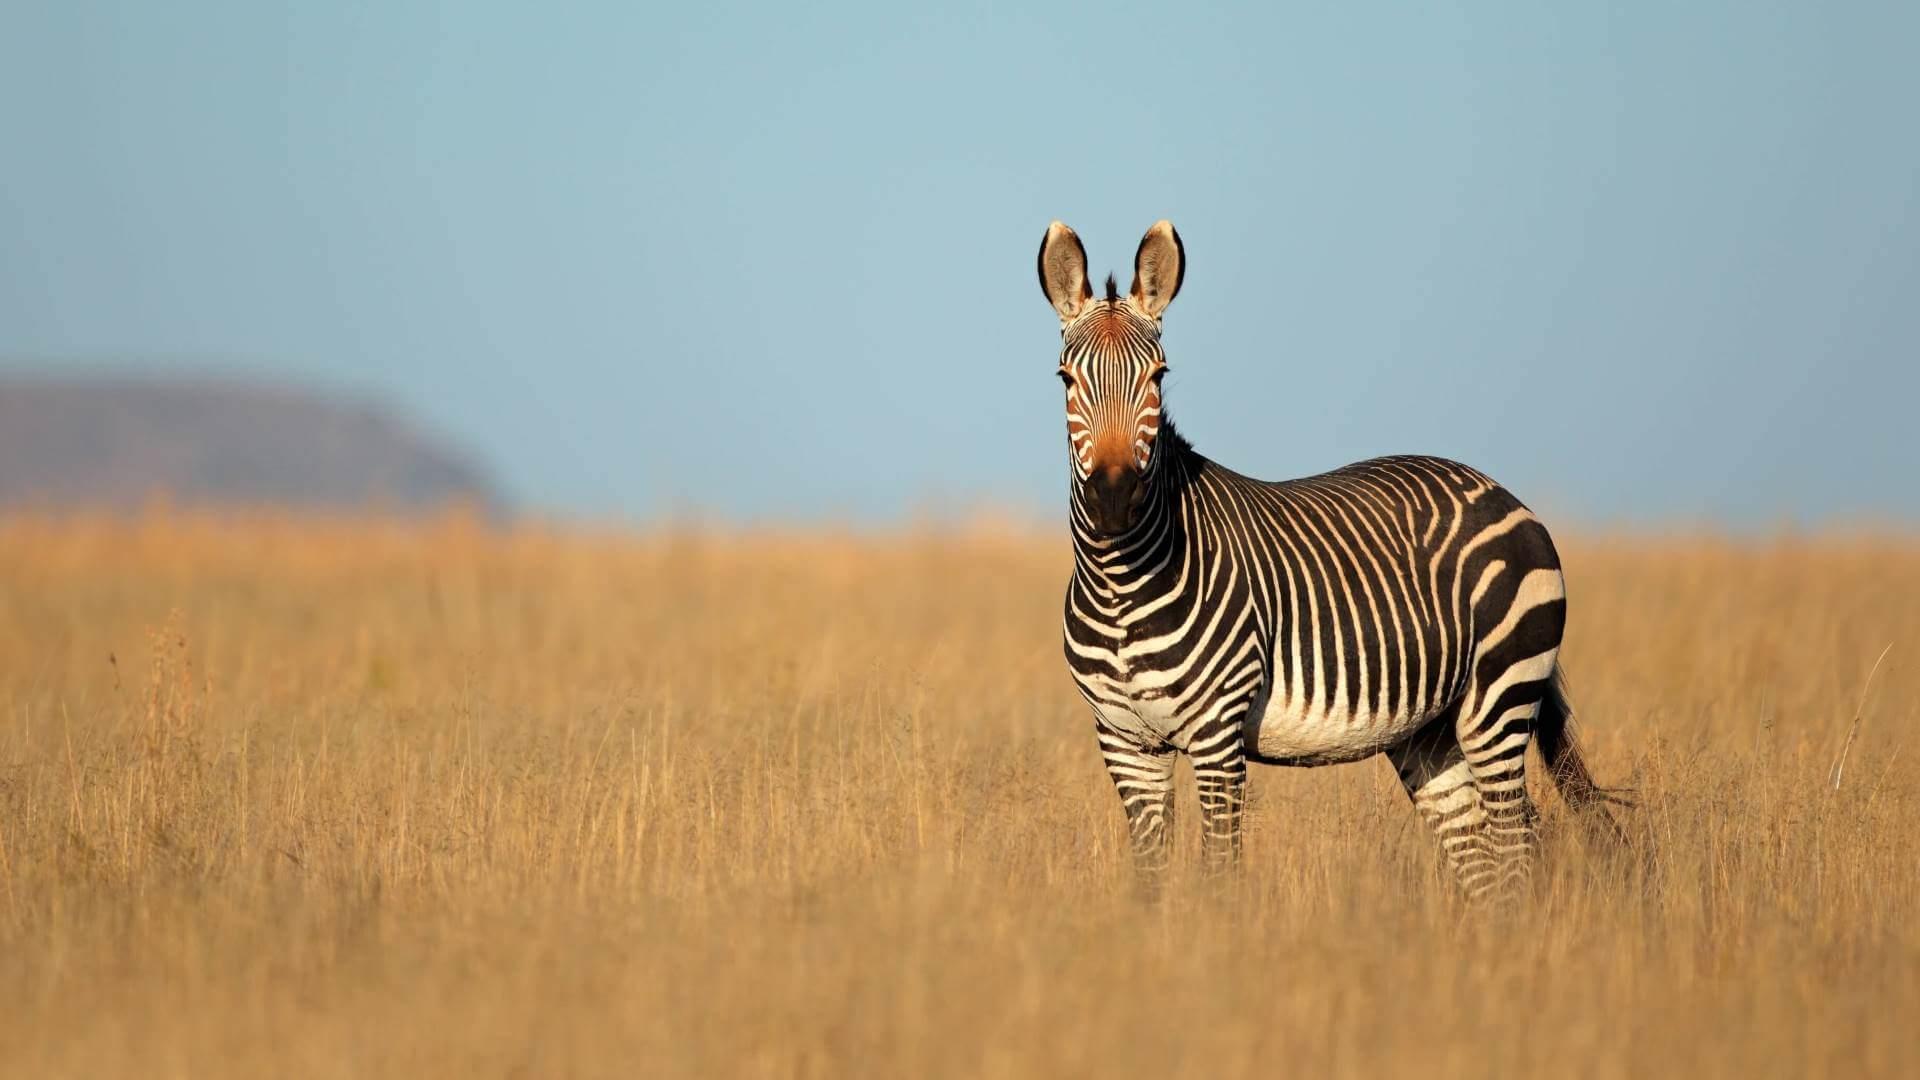 Zebra_im_hohen_gras_namibias